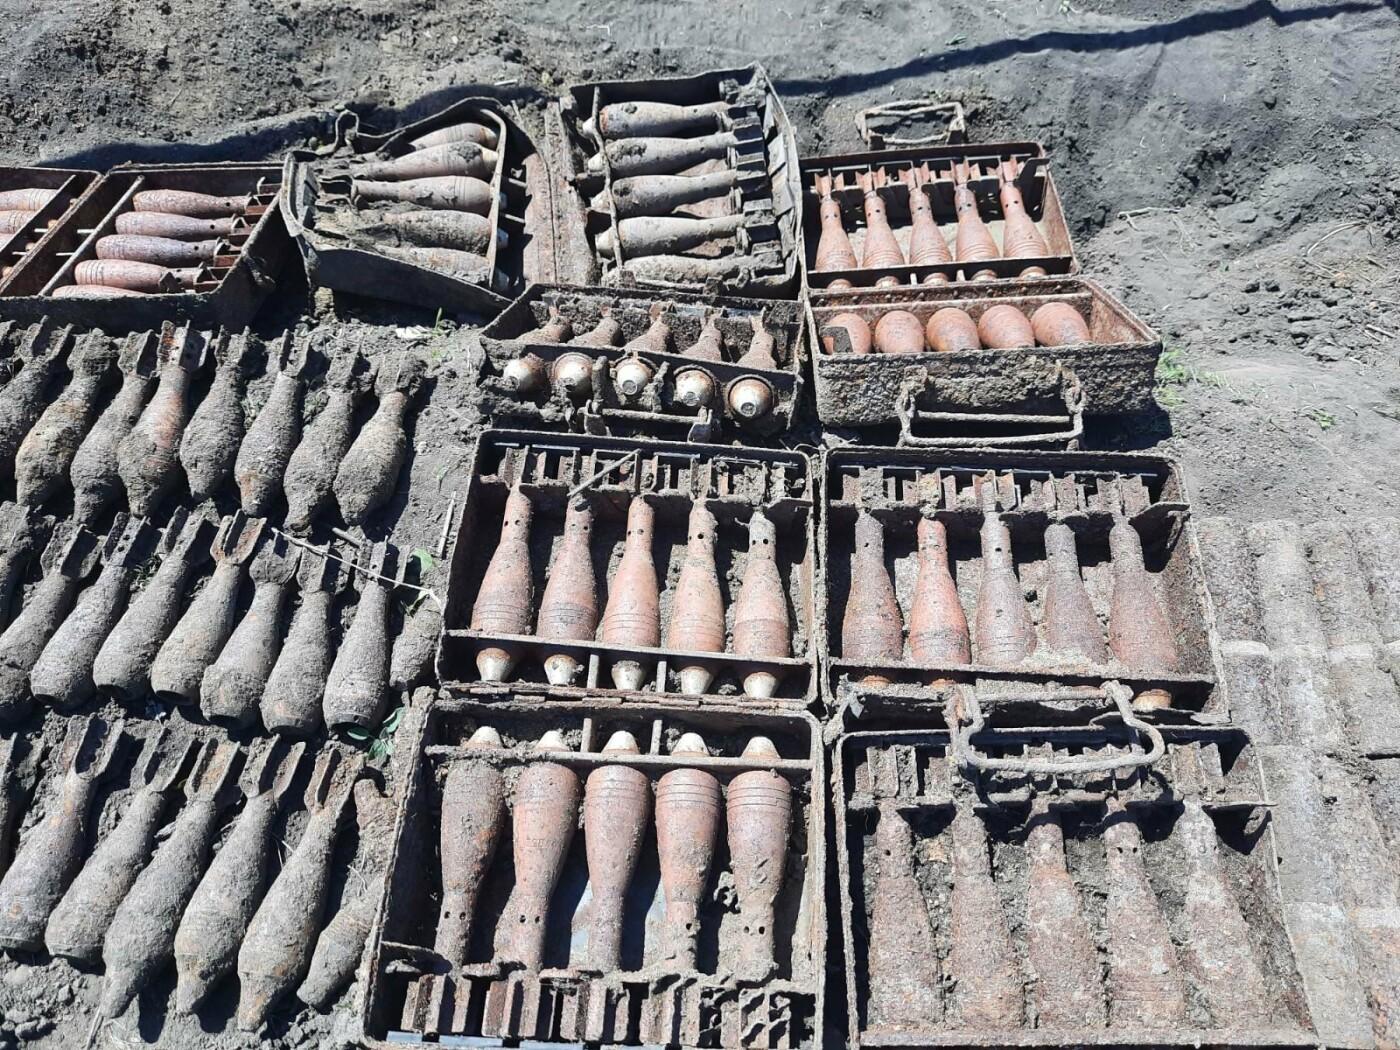 Знову небезпечна знахідка: на Лозівщині селянин виявив півтори сотні снарядів, фото-2